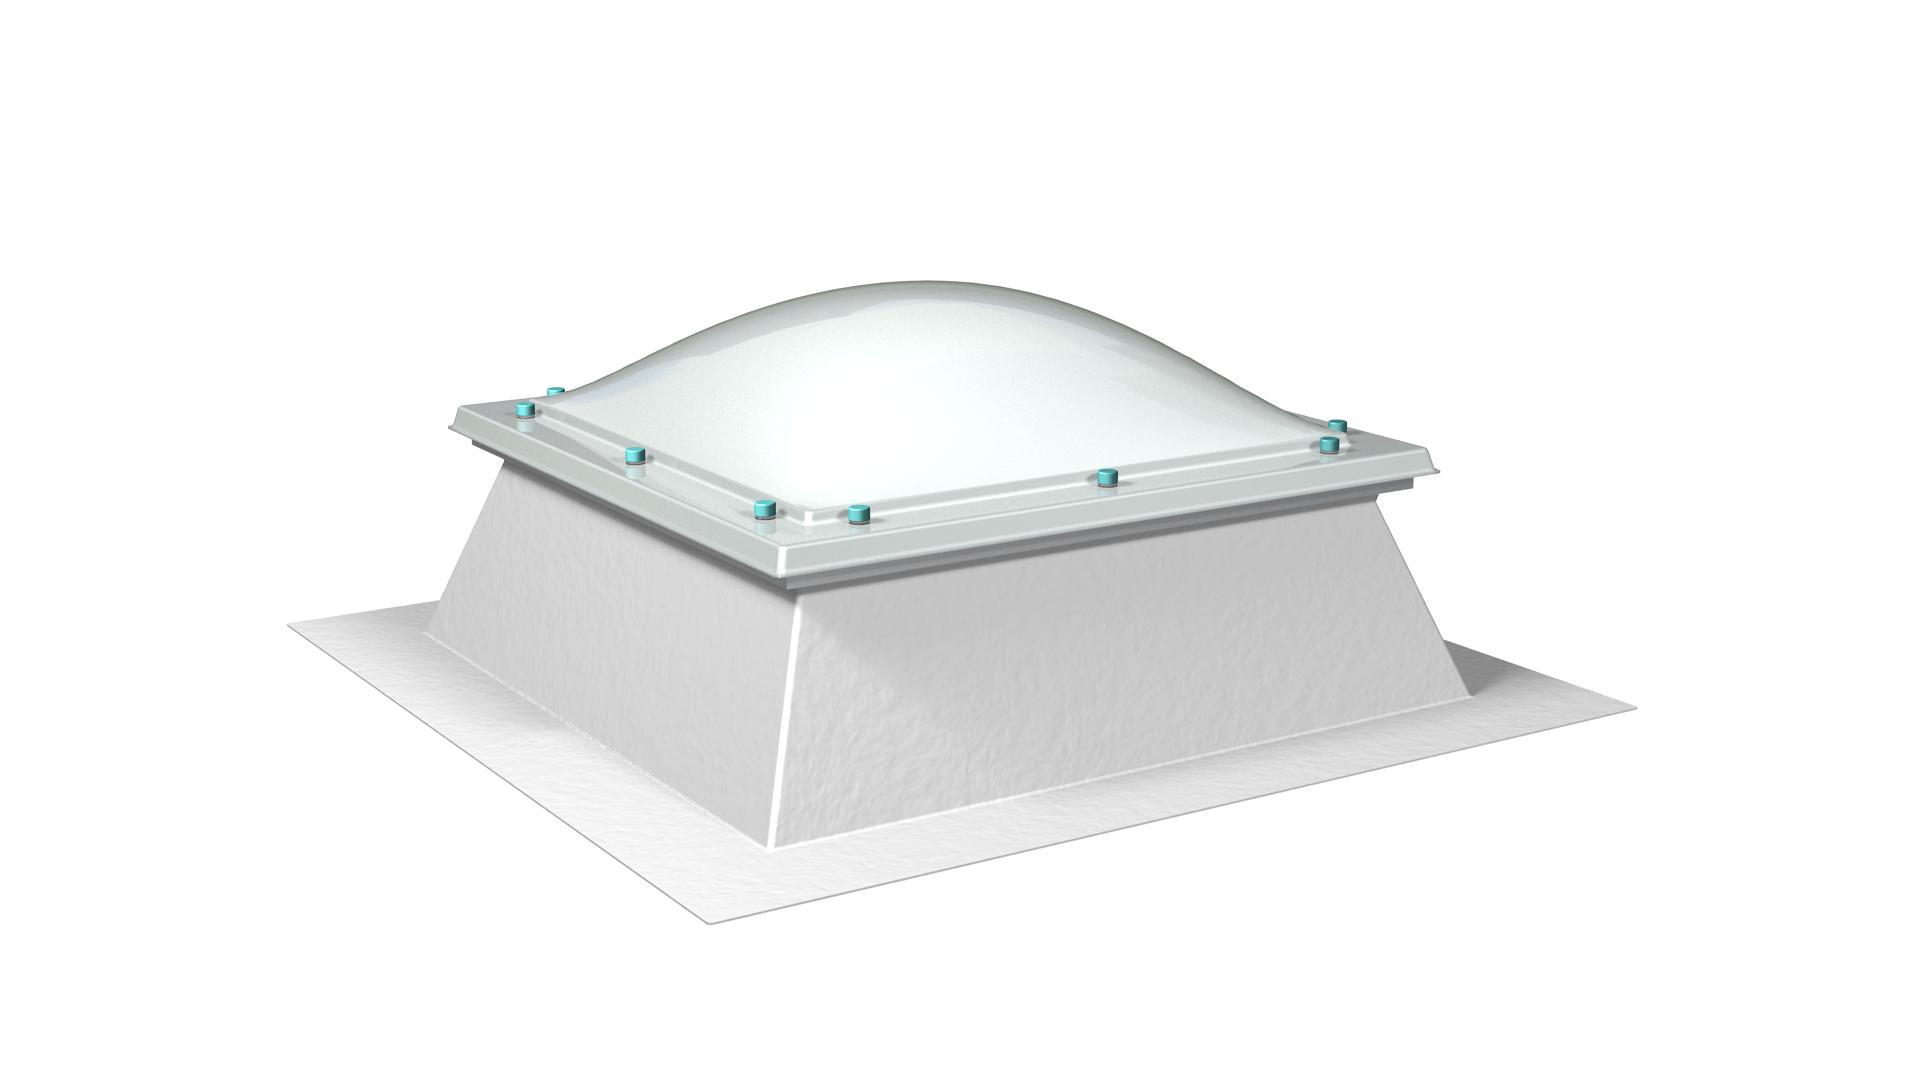 kupola za več svetlobe